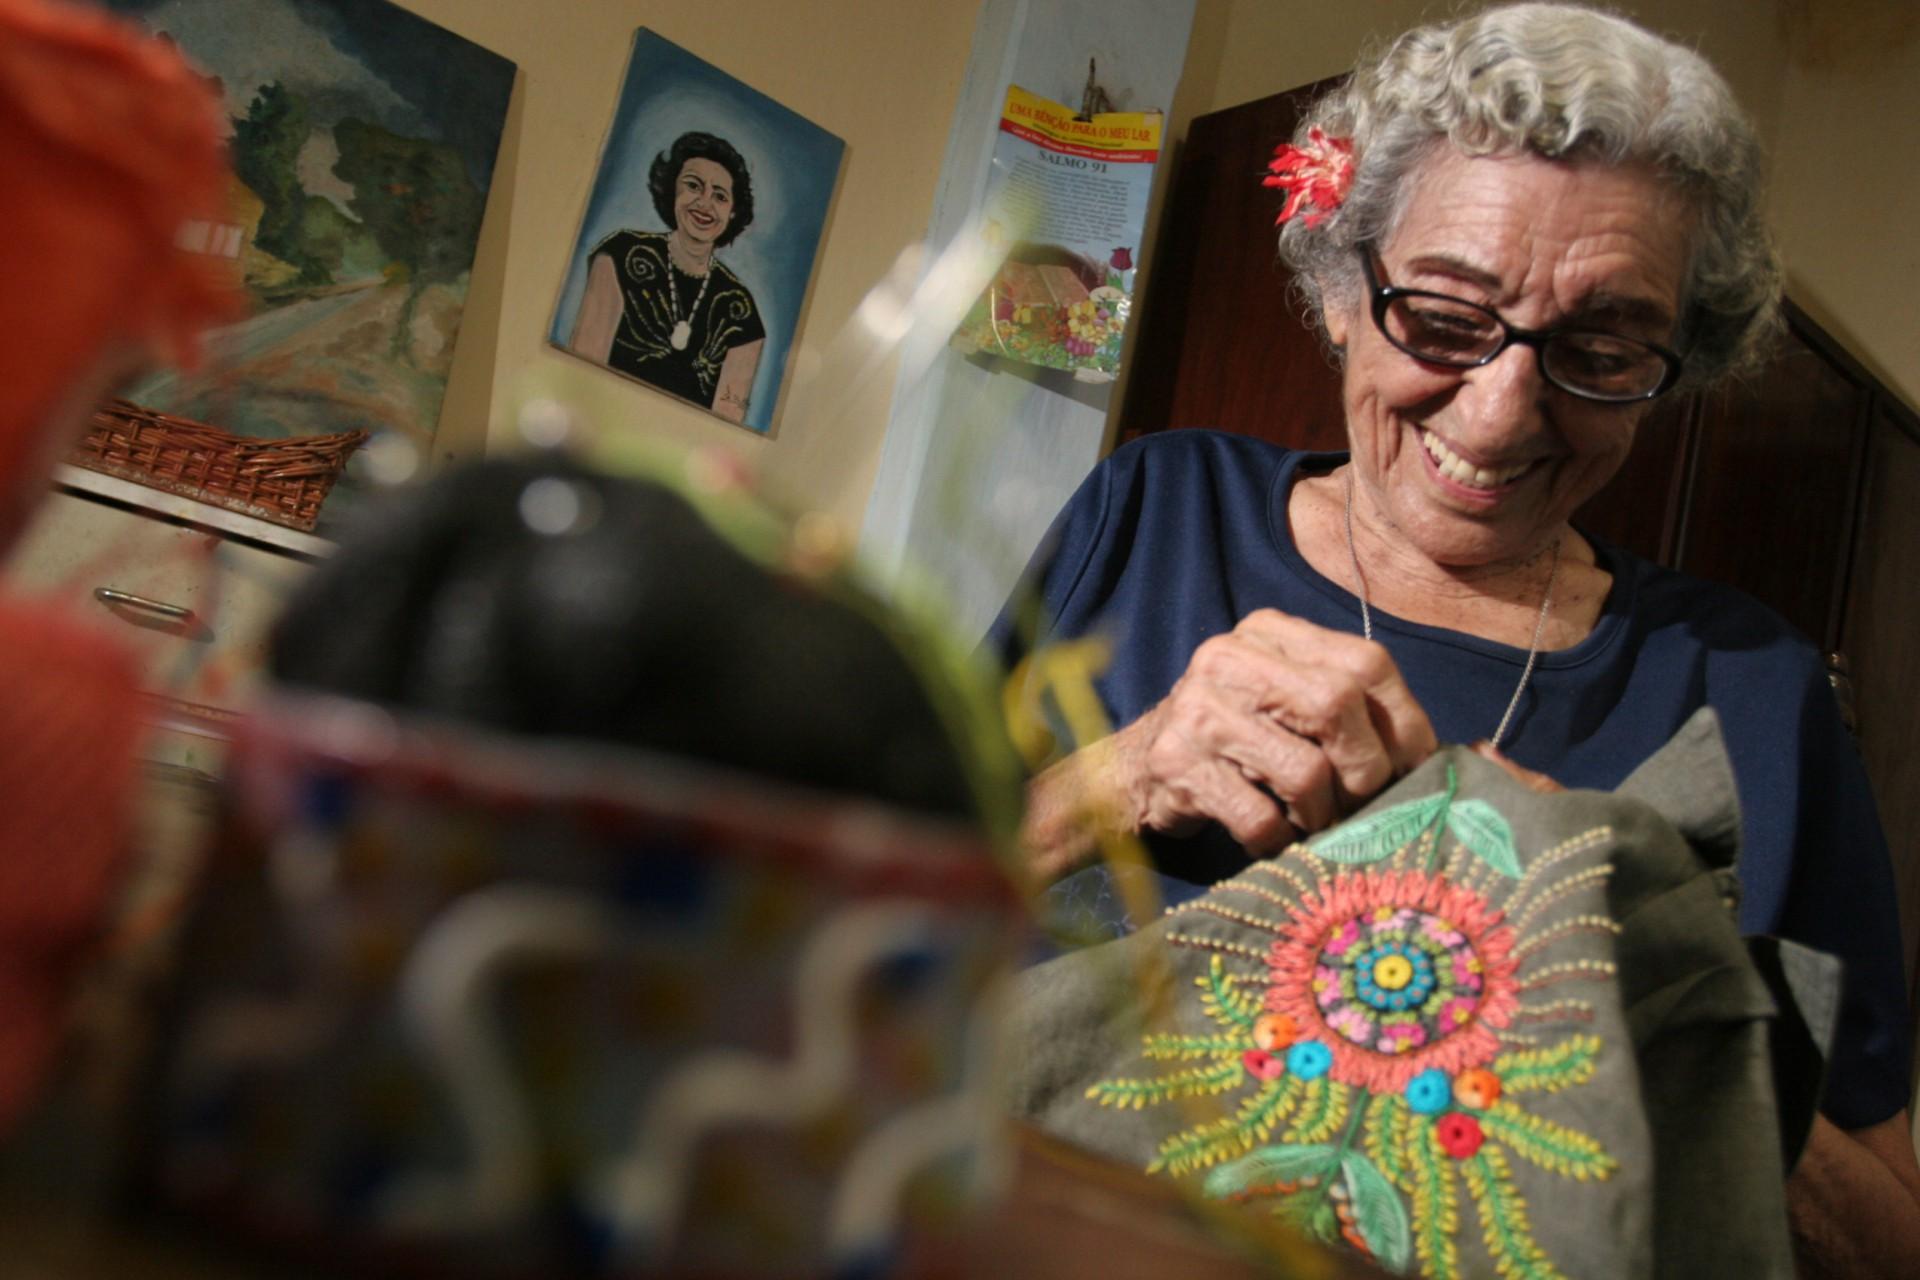 (Foto: Alex Costa, em 07/07/2008)O Minimuseu Firmeza foi fundado por Nice e Estrigas em 1969. No espaço, que era também a residência do casal, no Mondubim, a artista exerceu importante papel formativo